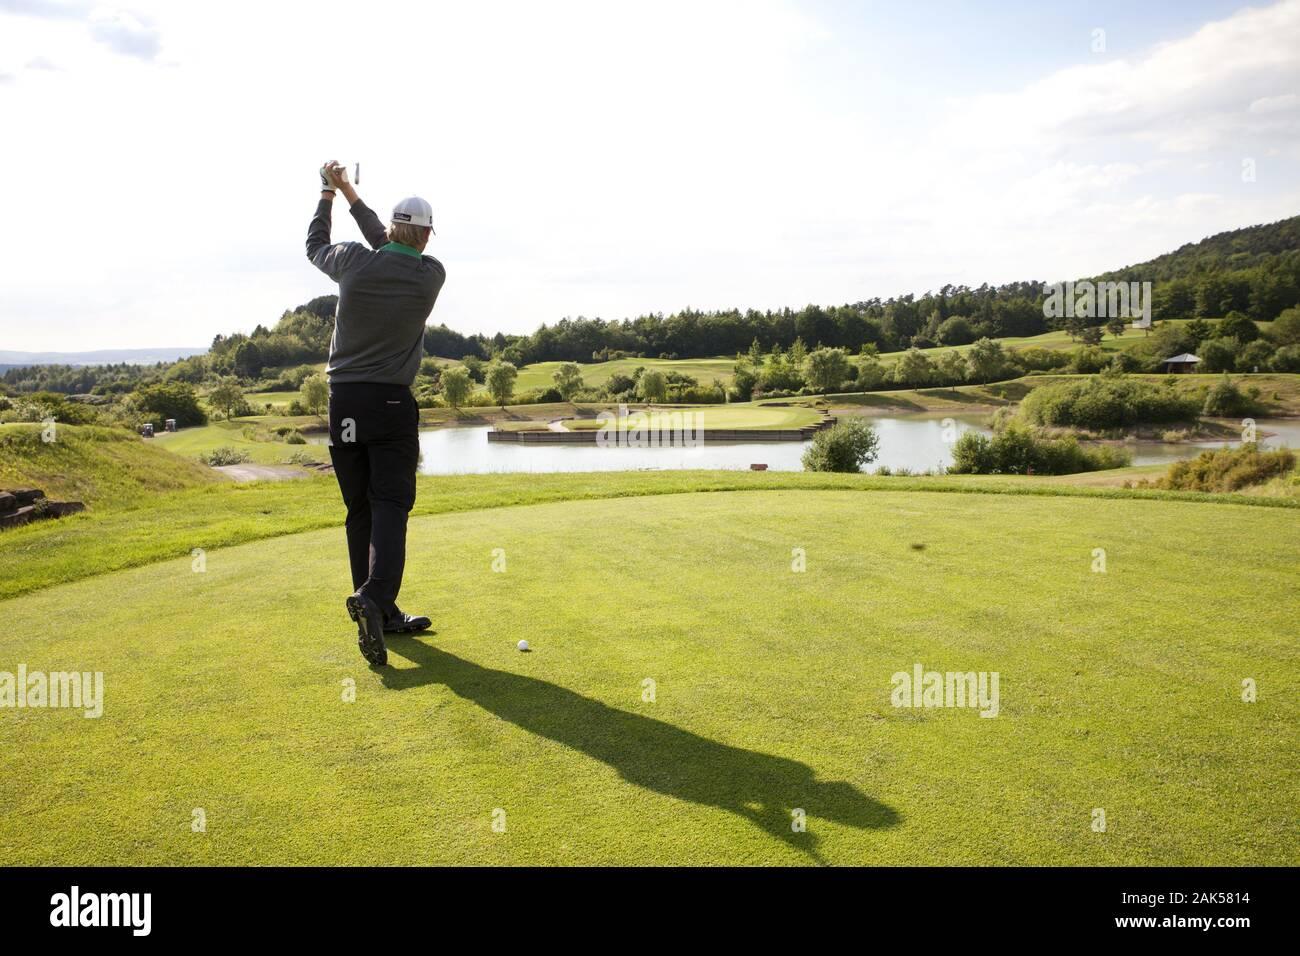 Hardenberg: Golfplatz, Suède | conditions dans le monde entier Banque D'Images